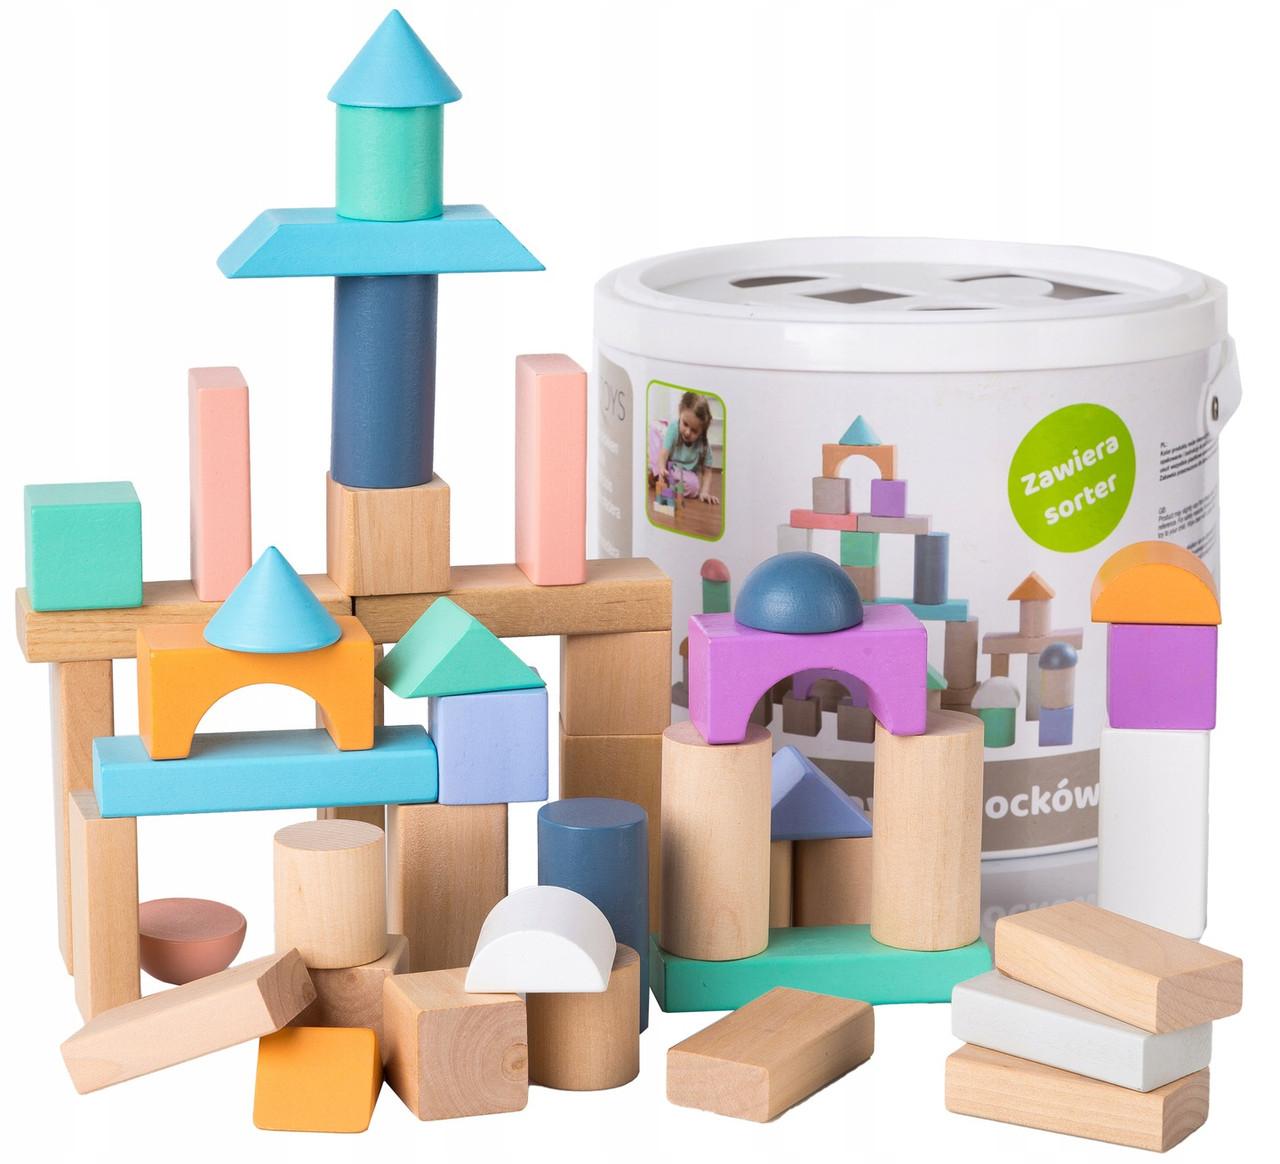 Дерев'яні блоки конструктор для дітей Ecotoys 50 шт відро + сортувальник